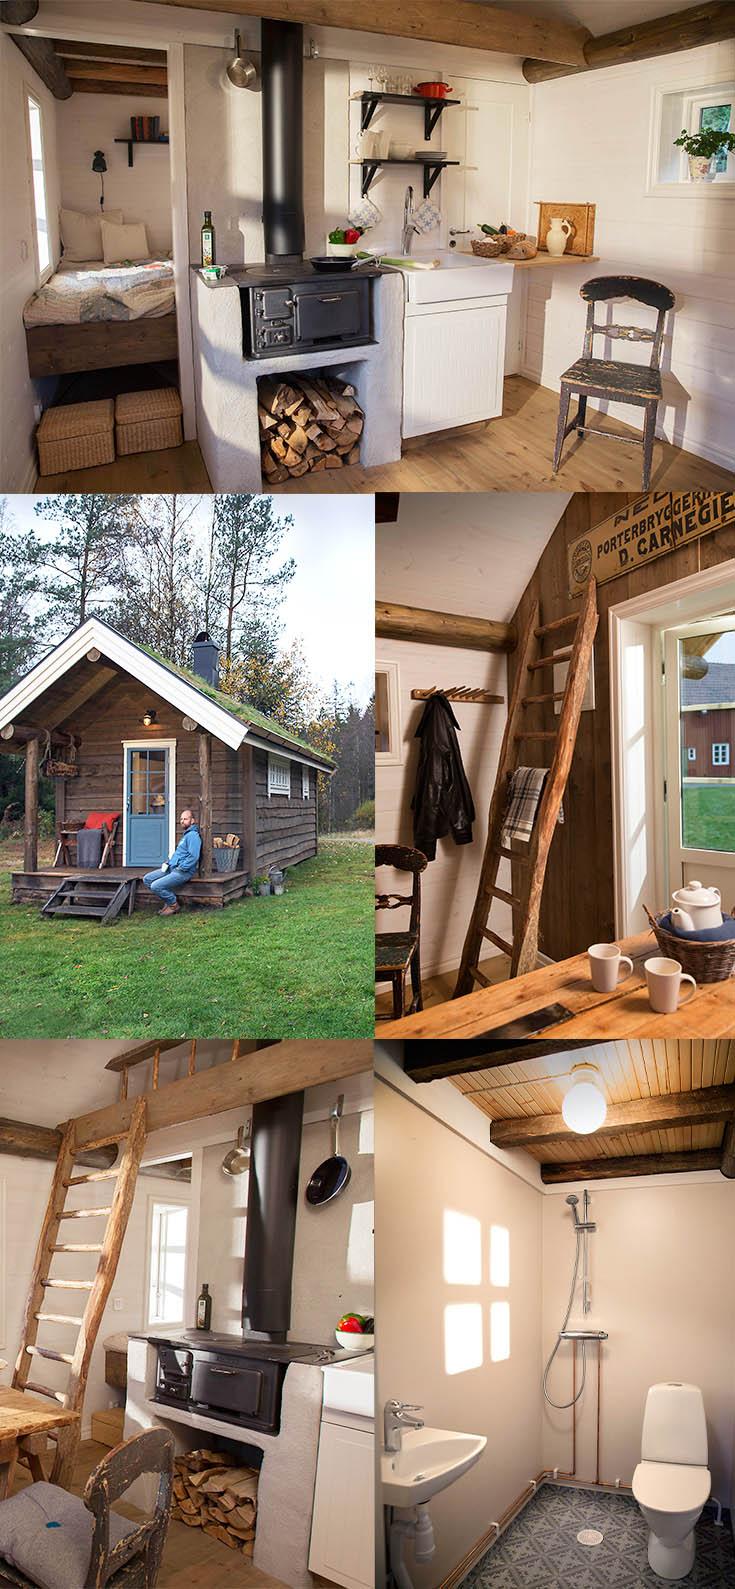 Allt om bostad blog hus